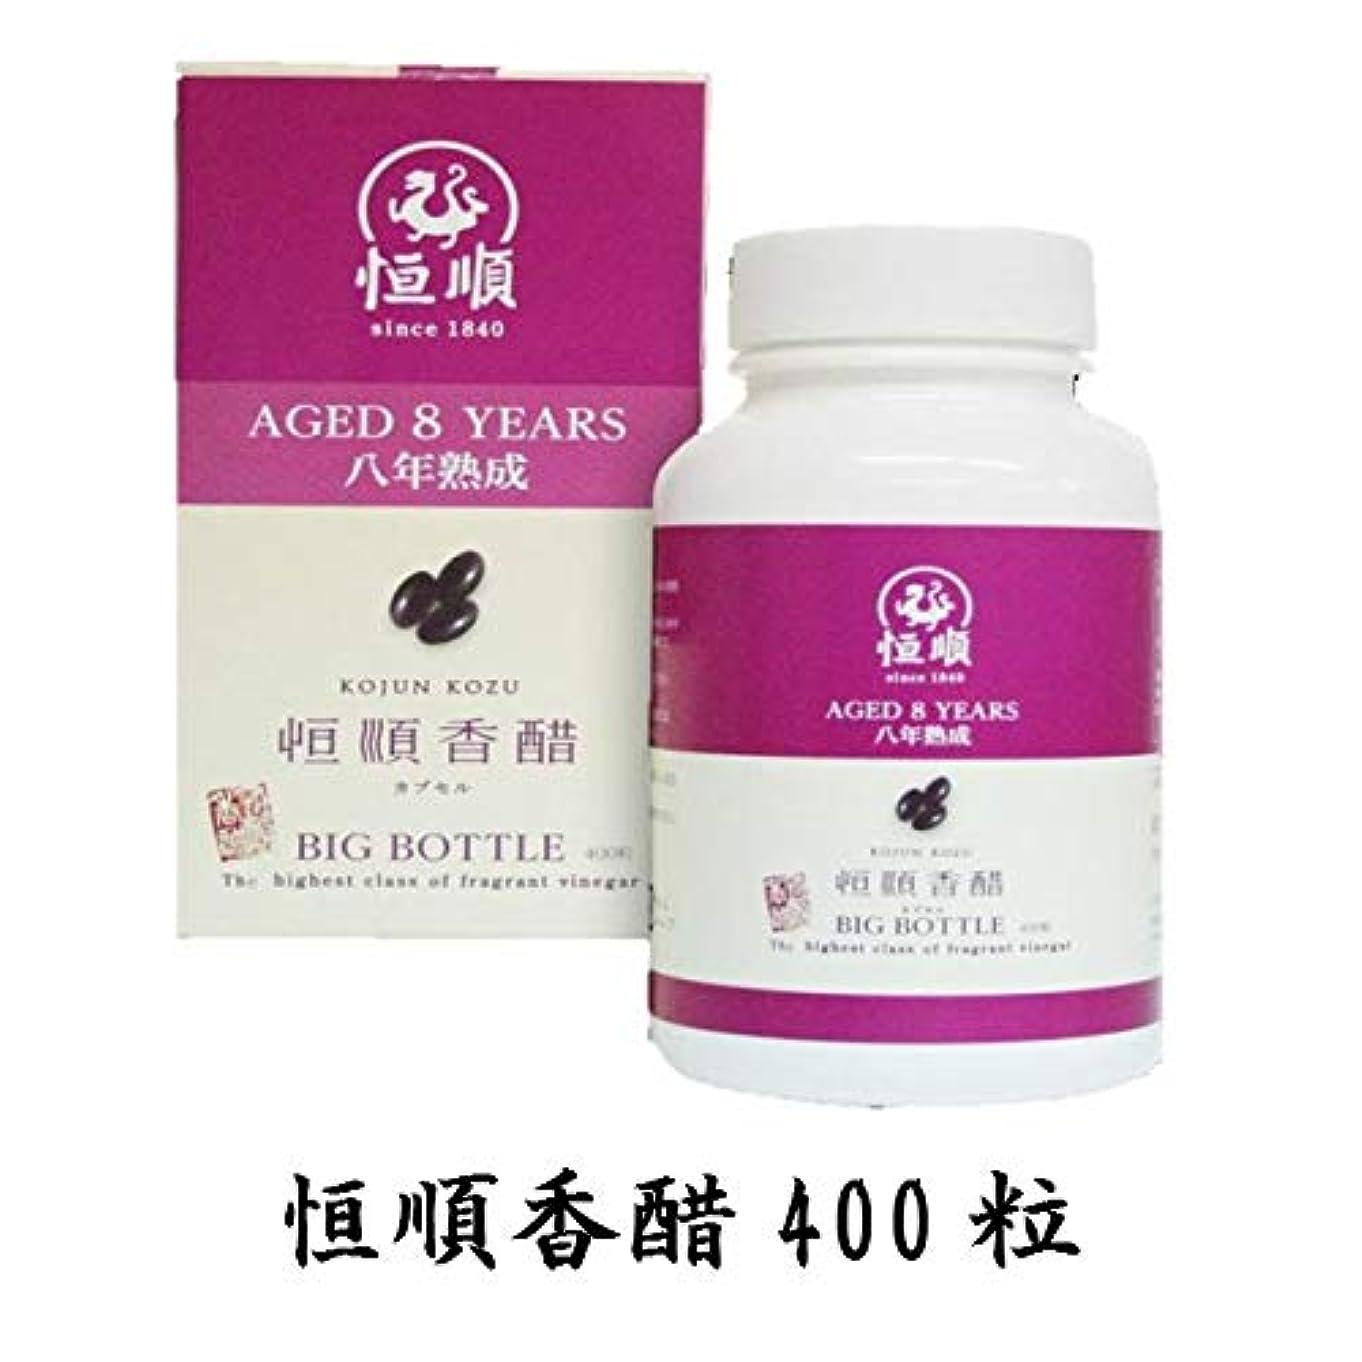 アンビエントムスタチオ害虫日本恒順 8年熟成恒順香醋 カプセルビッグボトル 400粒 (約4か月分)